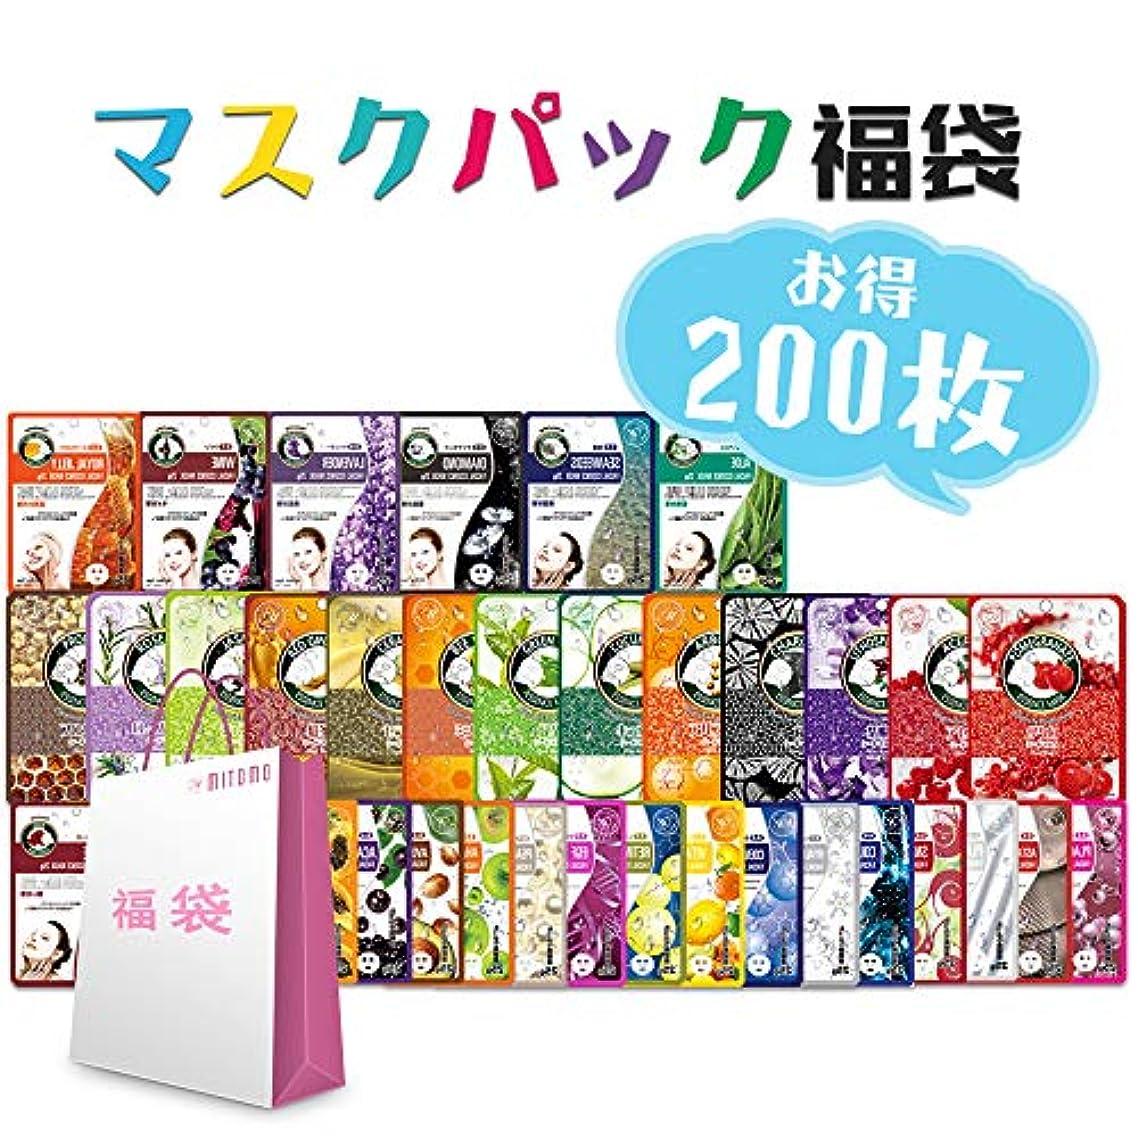 ナプキン滑るゴシップ【LBPRJL0200】シートマスク/200枚/美容液/マスクパック/送料無料